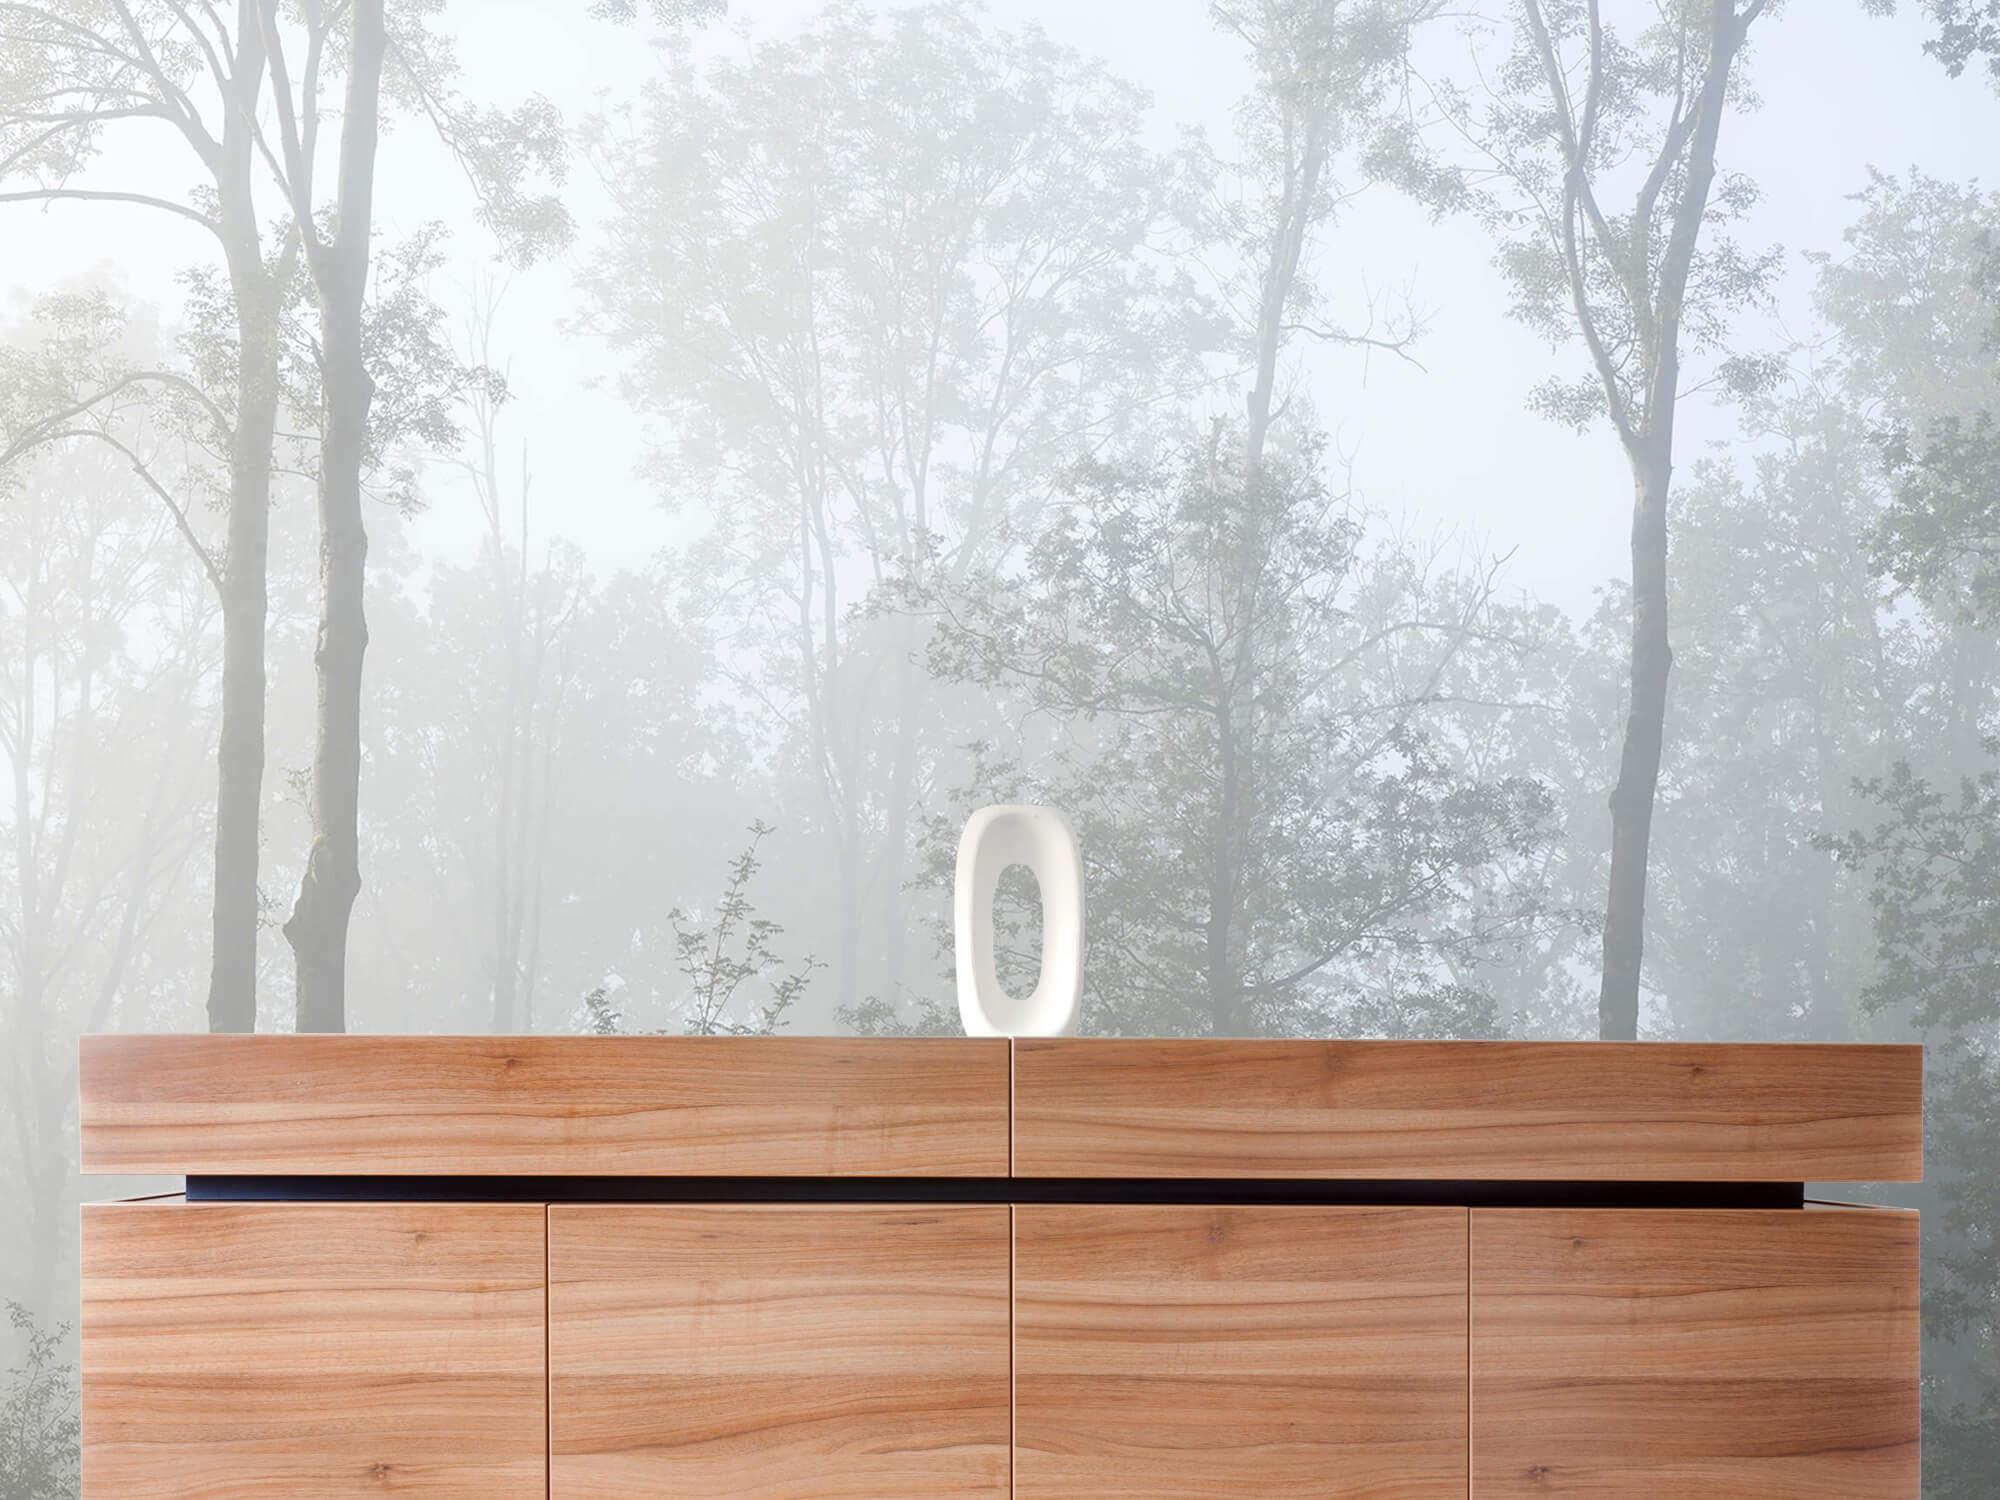 Bos behang Dichte mist in het bos 20